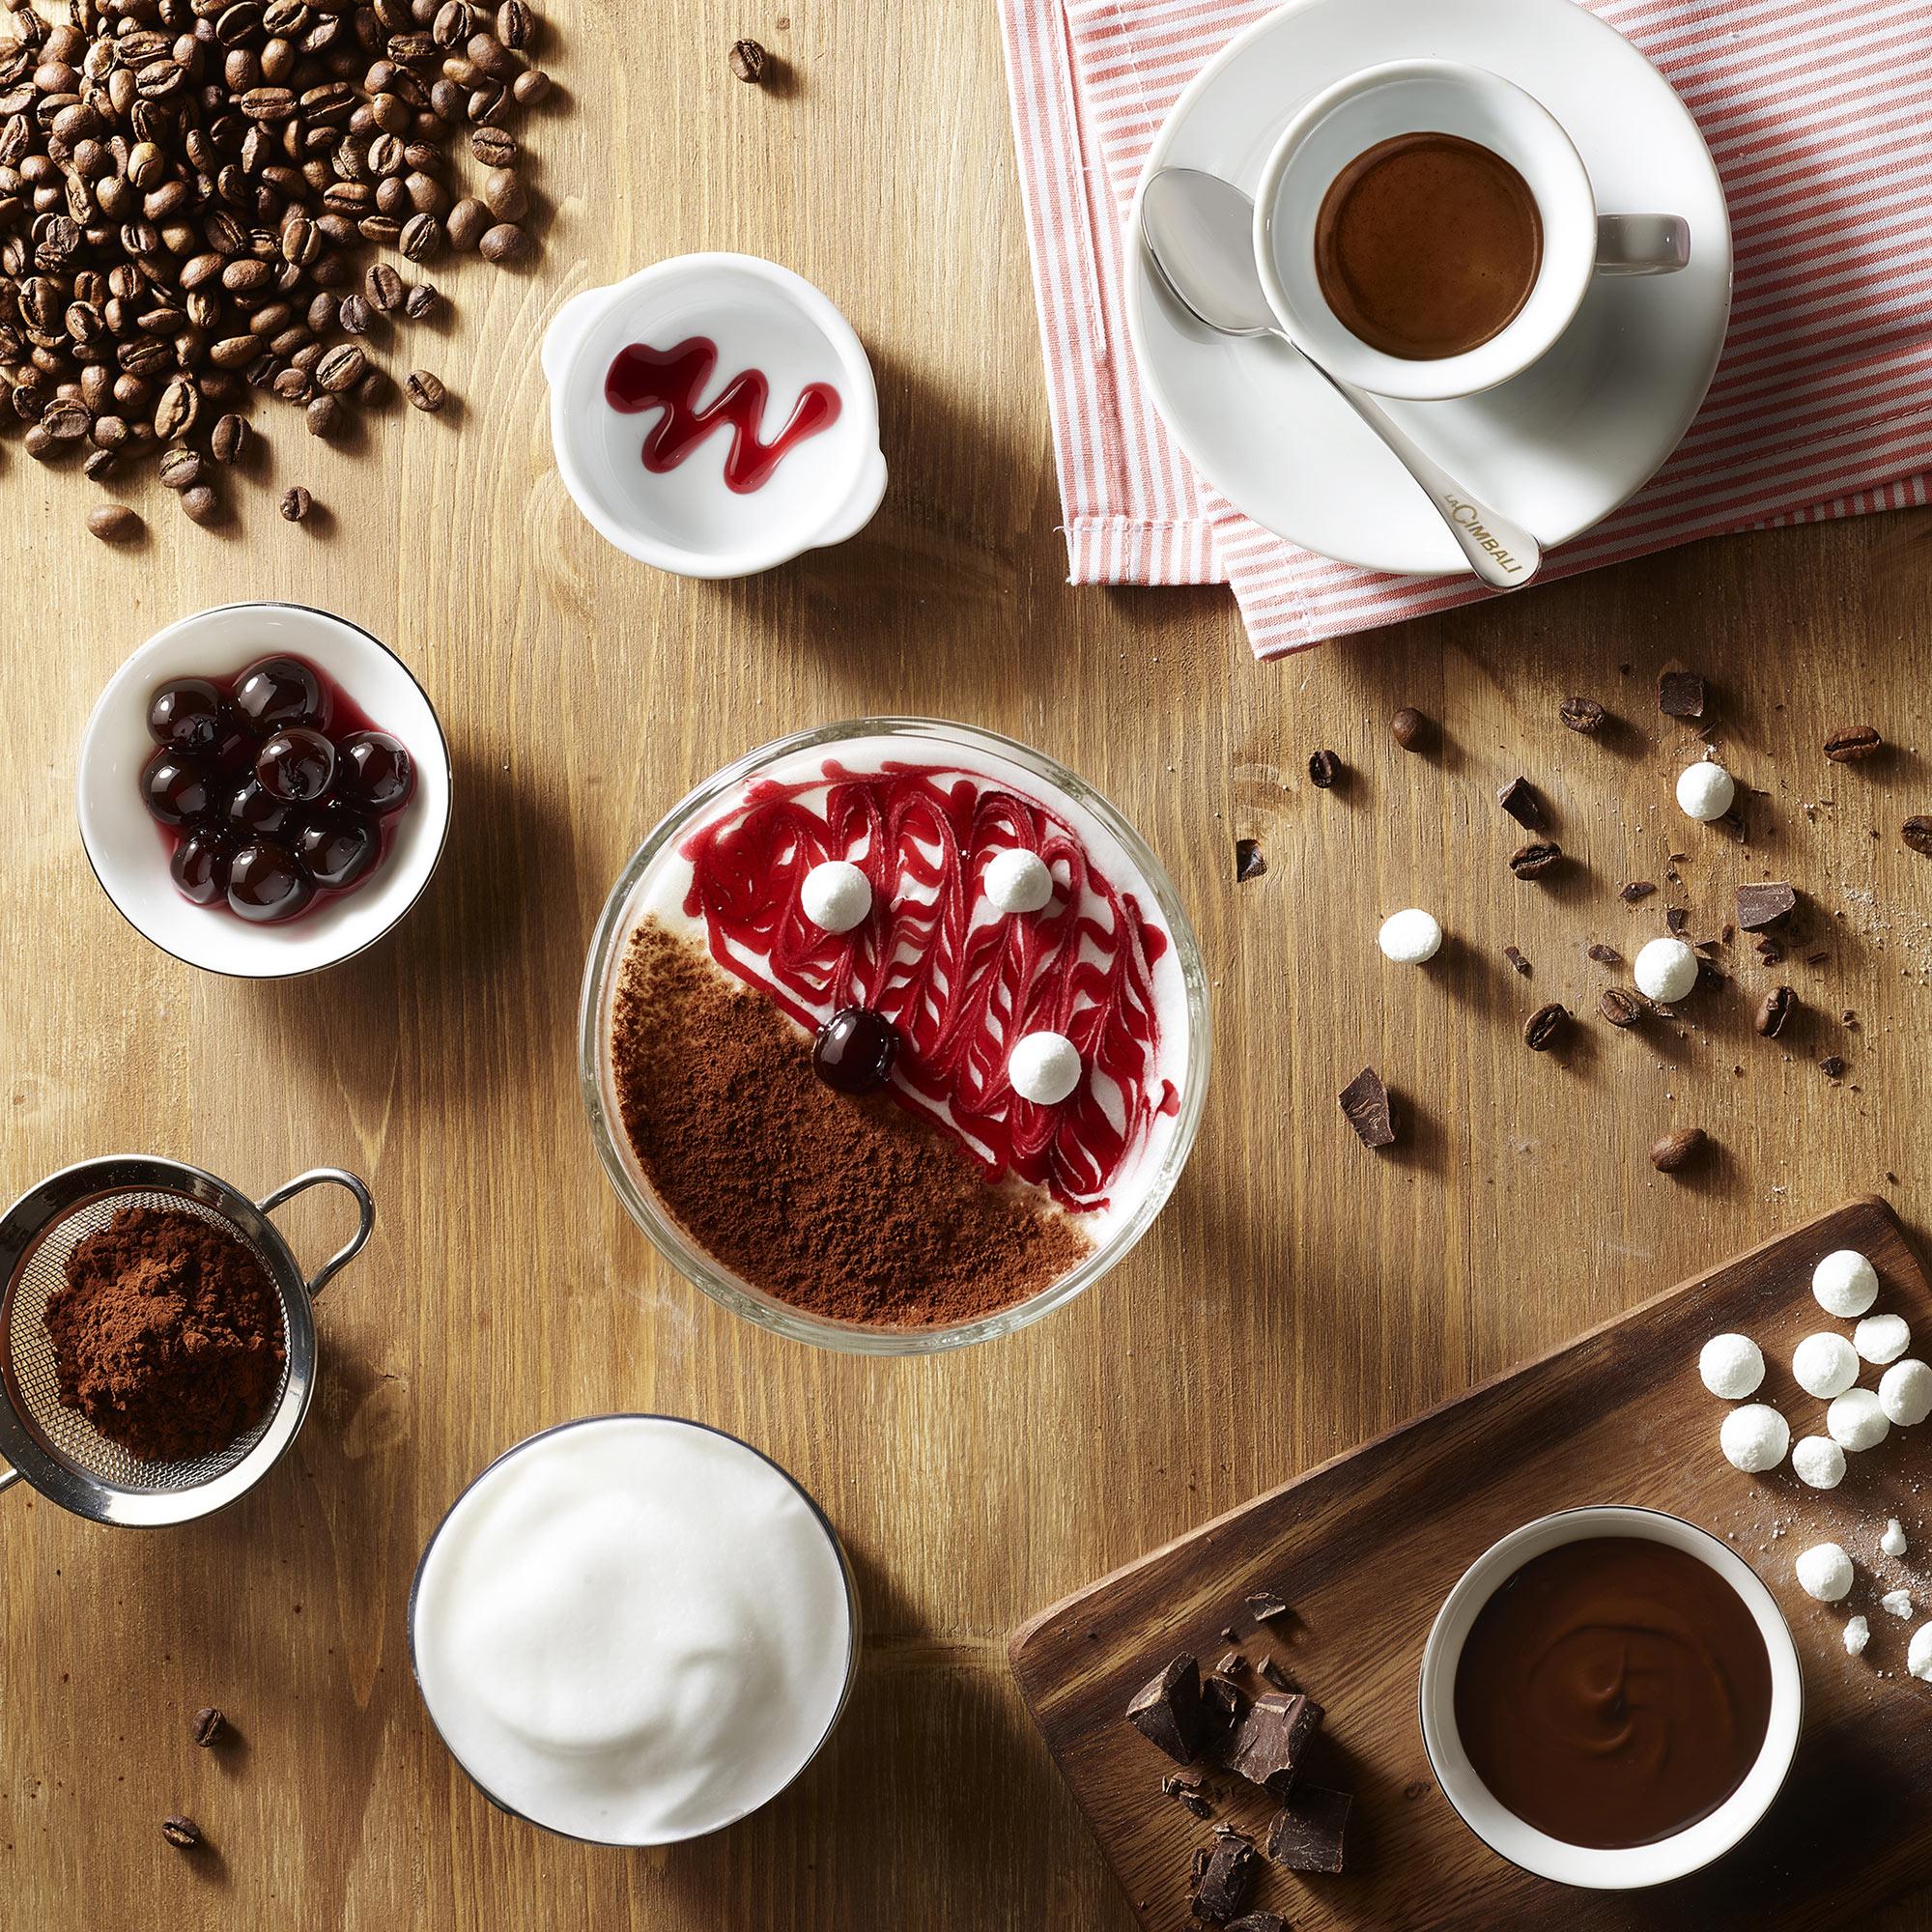 Cimbali Tazza Caffè Cioccolato Meringhe Cacao Amarena Food Shot by Fotografando